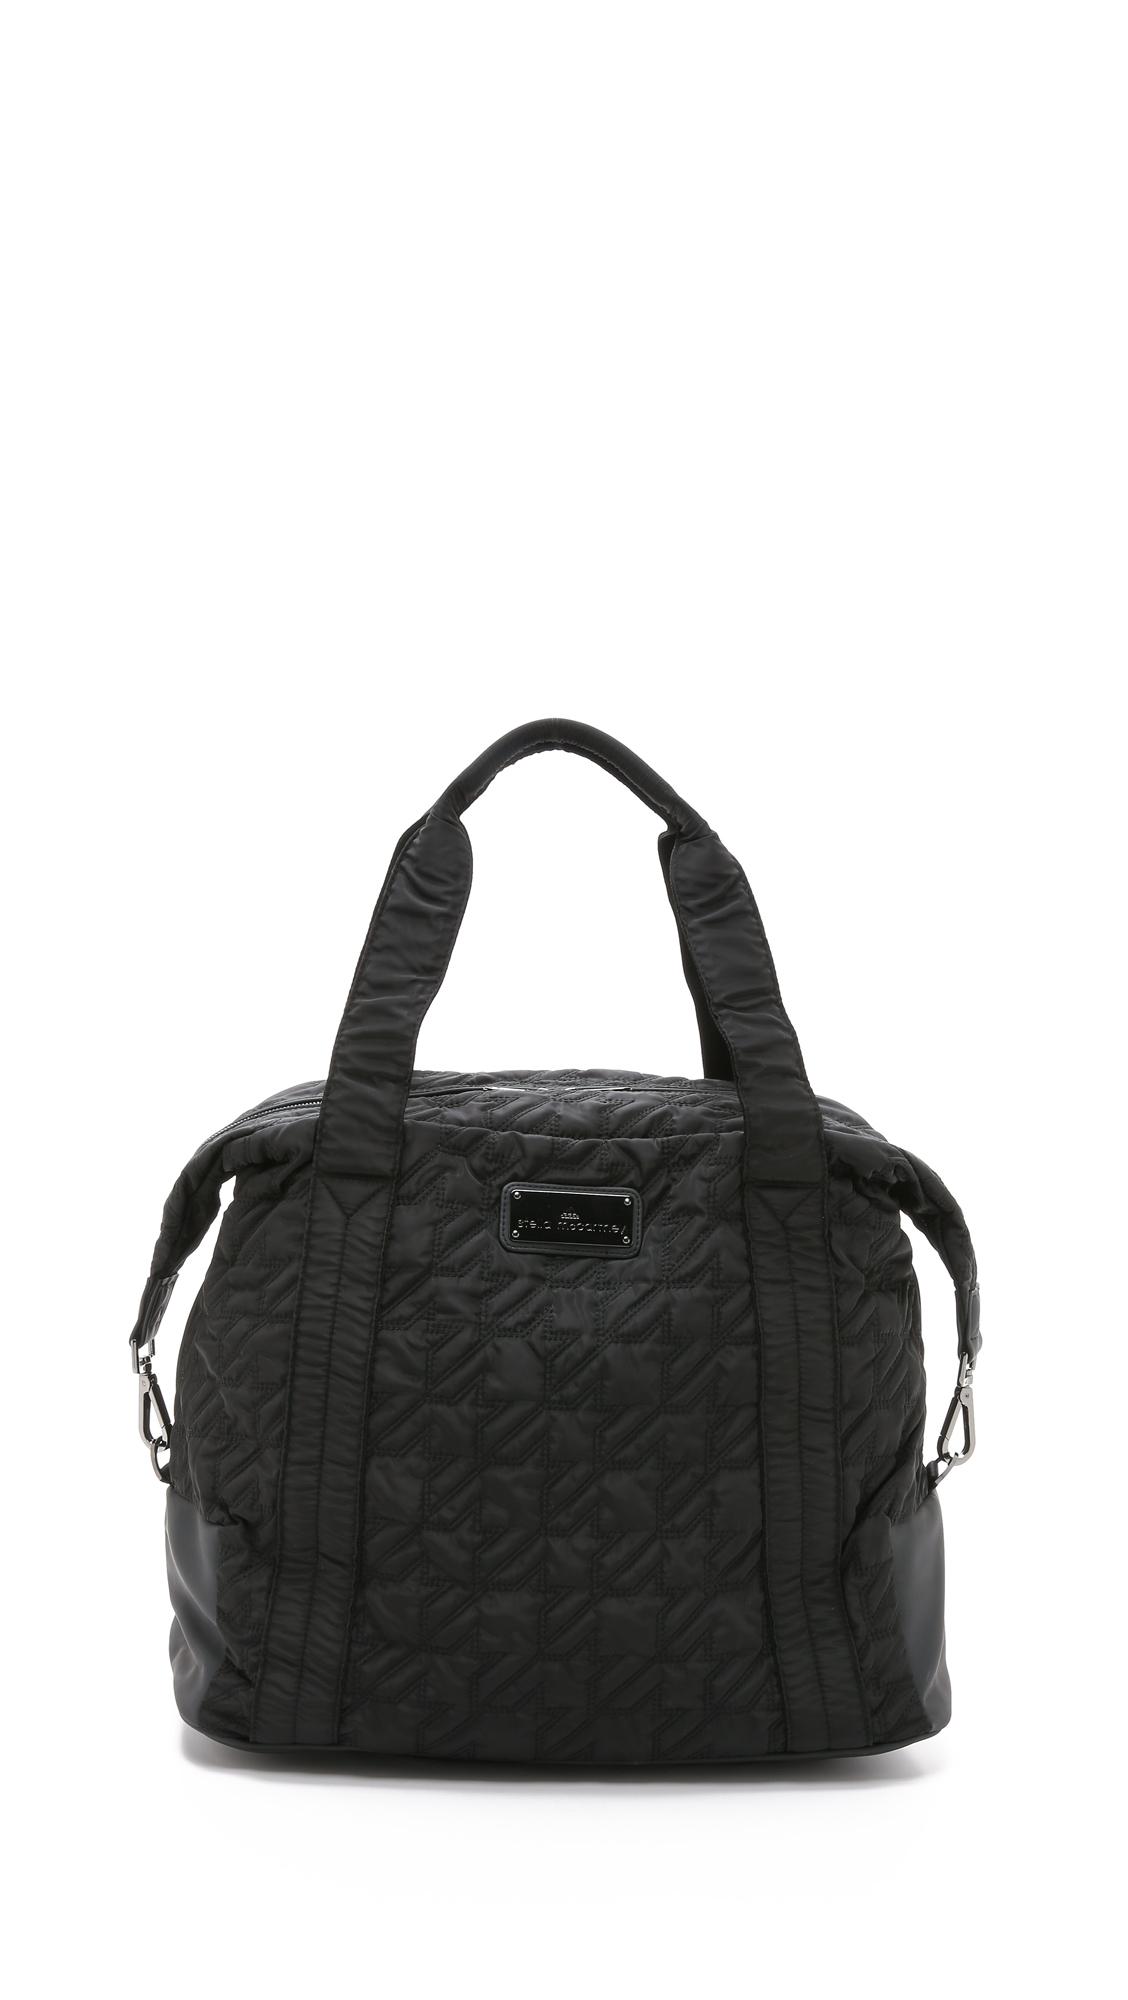 Lyst - adidas By Stella McCartney Big Duffel Bag - Black in Black bb5cea9888